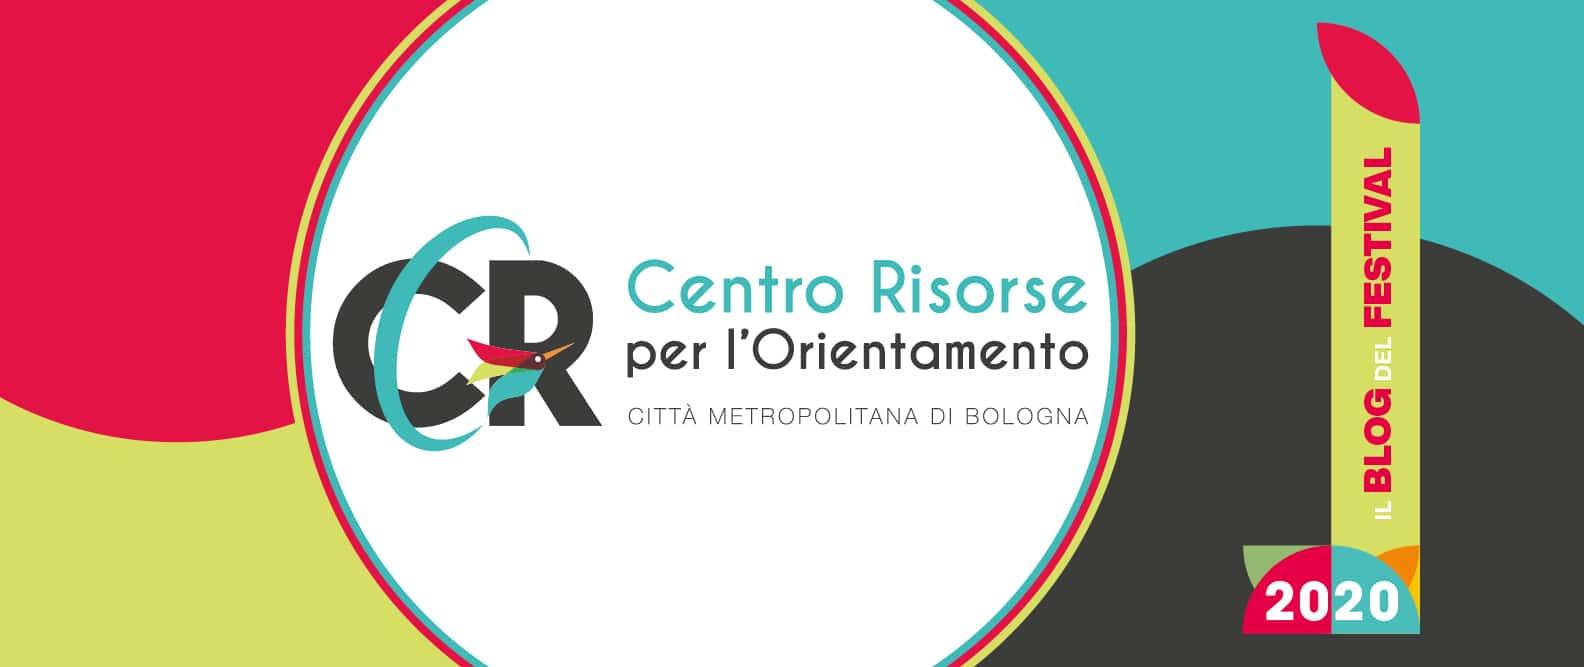 Bologna: ecco il nuovo Centro risorse per l'Orientamento